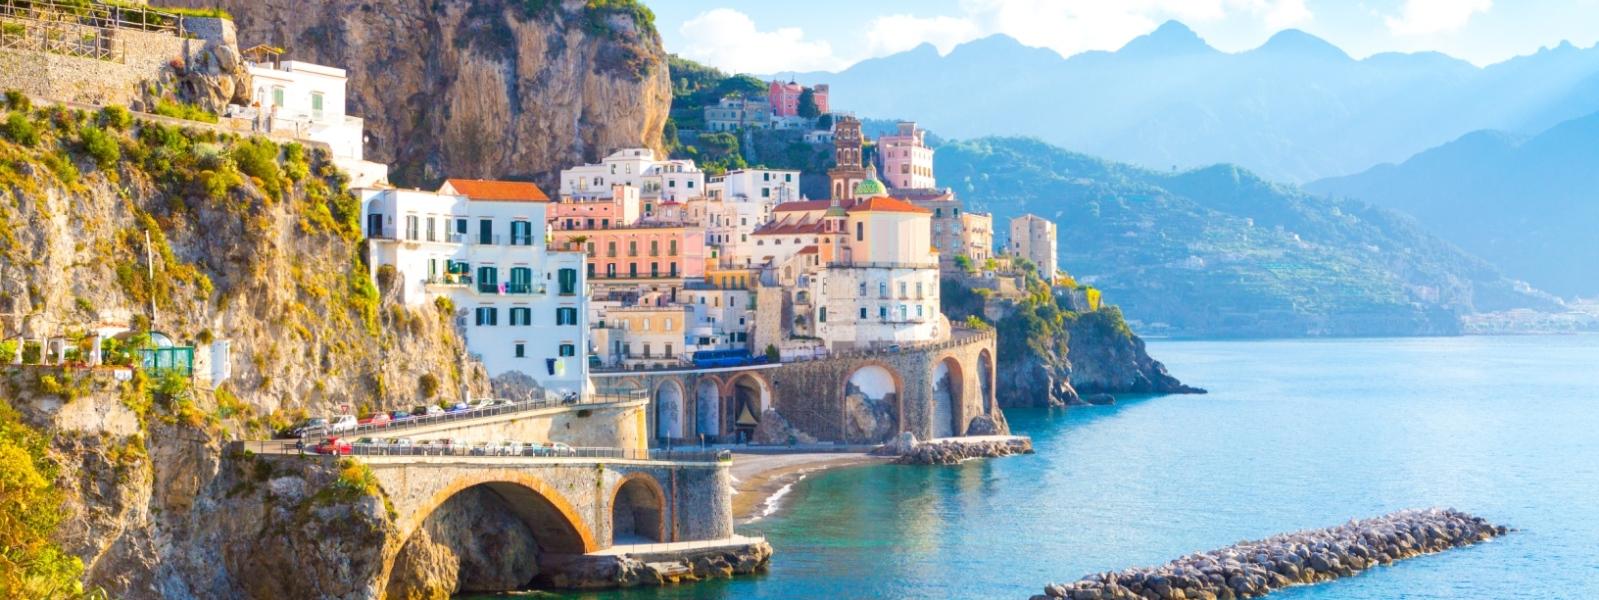 Rome & Amalfi Coast Small Group Tour